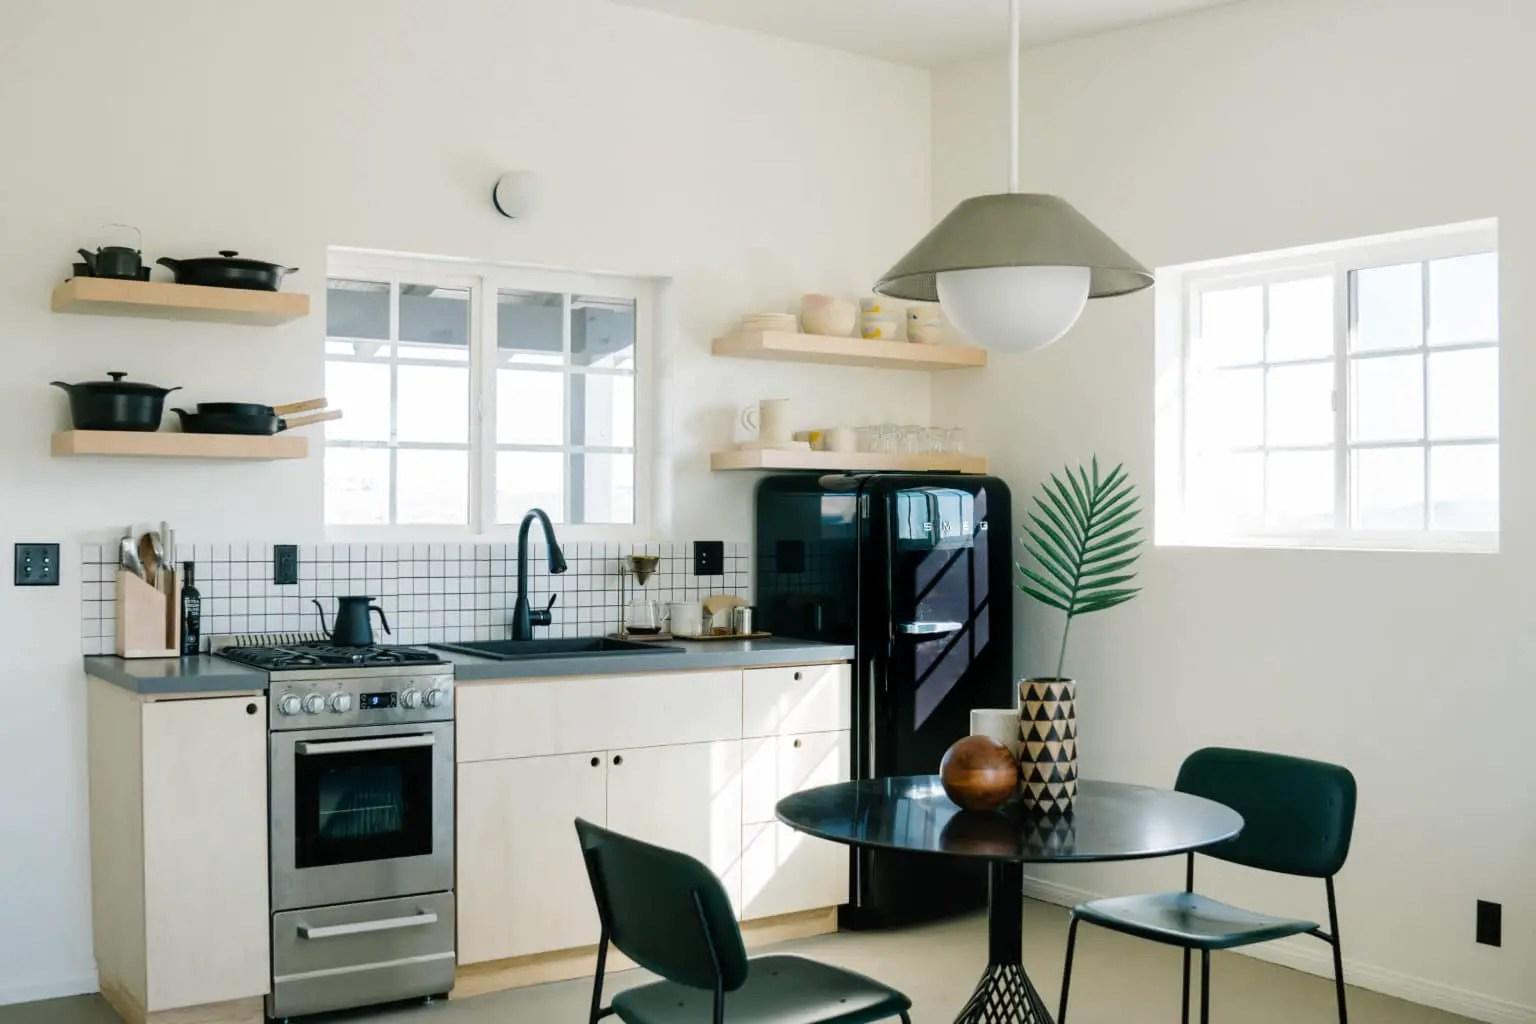 déco minimaliste Archives - PLANETE DECO a homes world